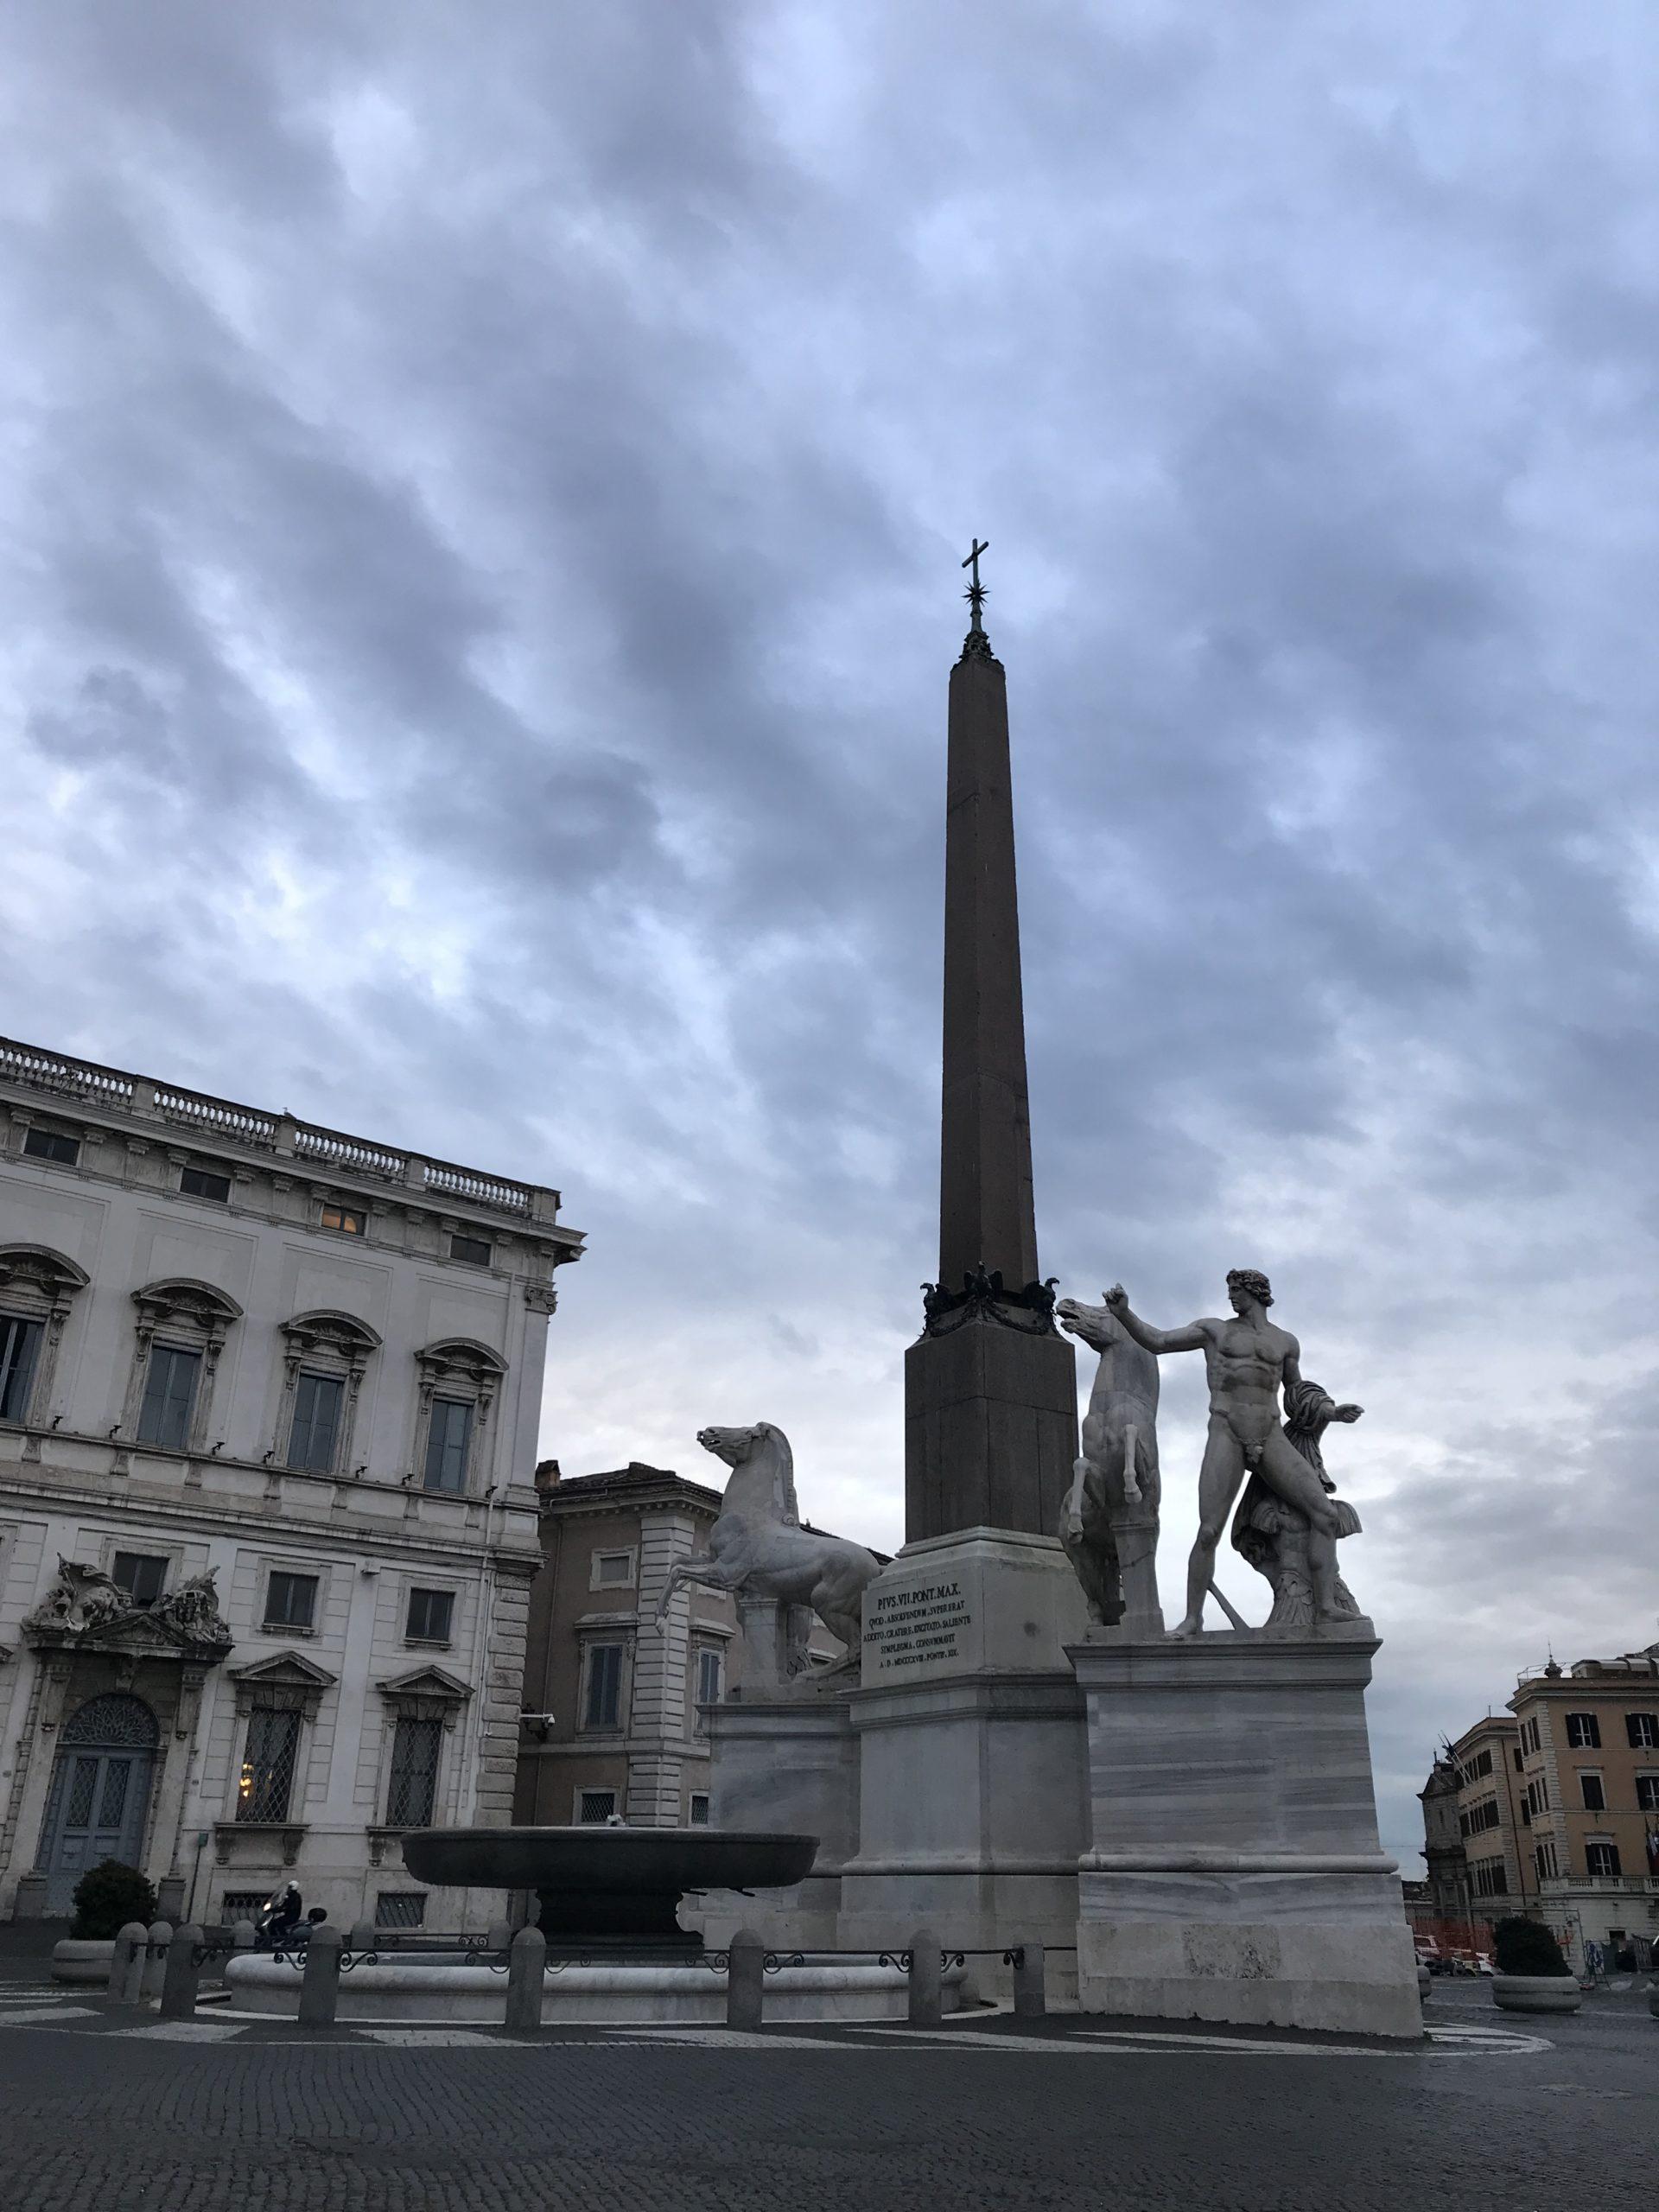 Quirinal Obelisk